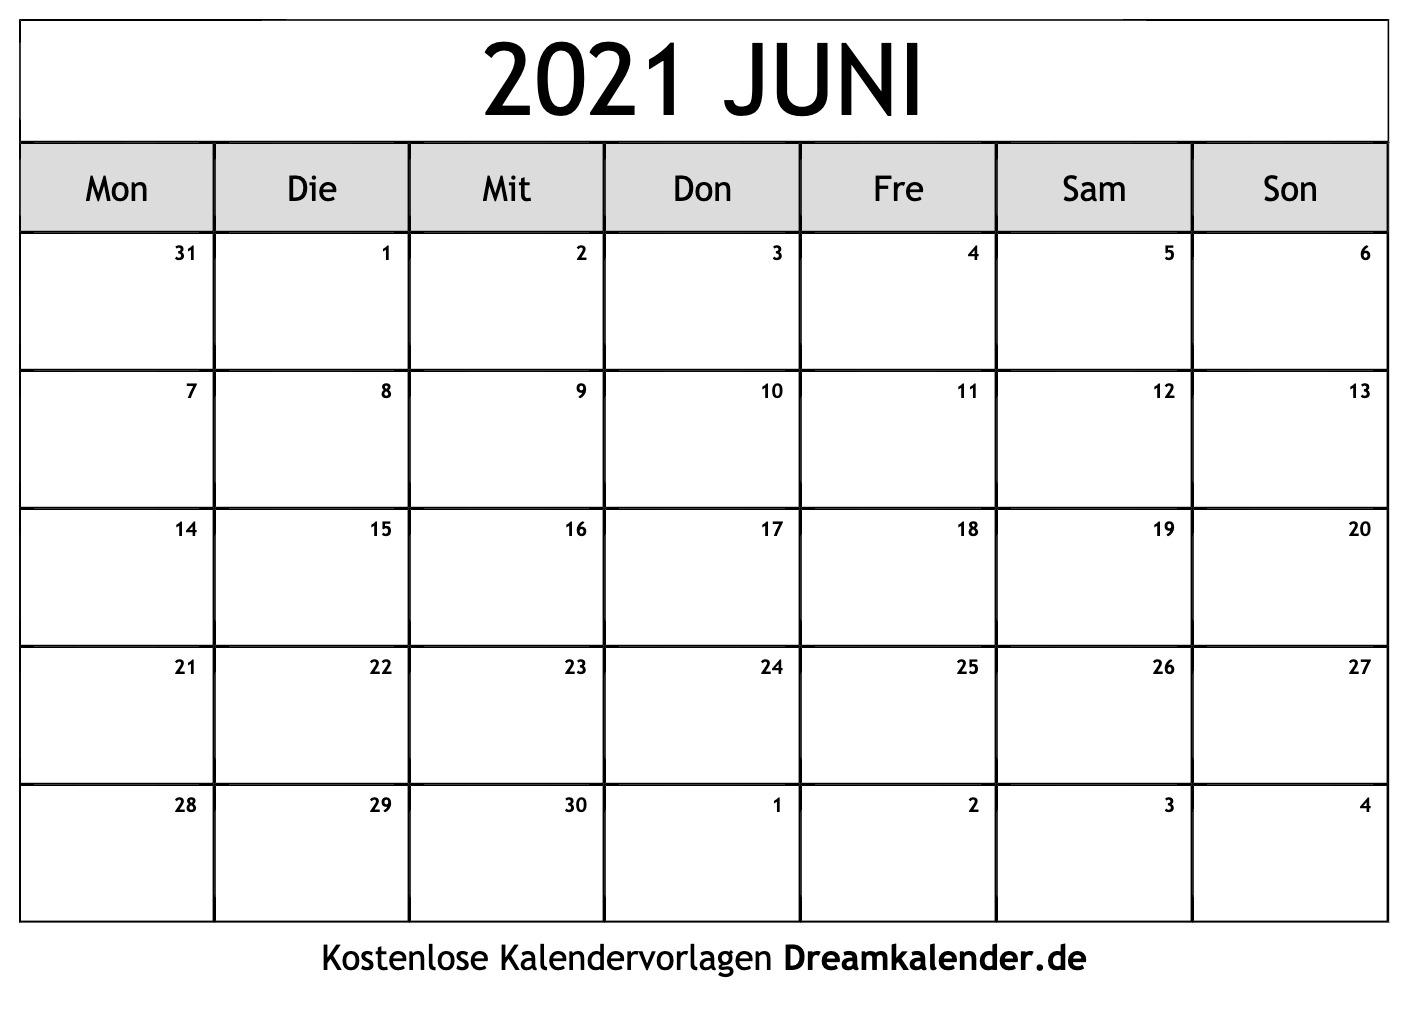 Take Kalender 2021 Juni